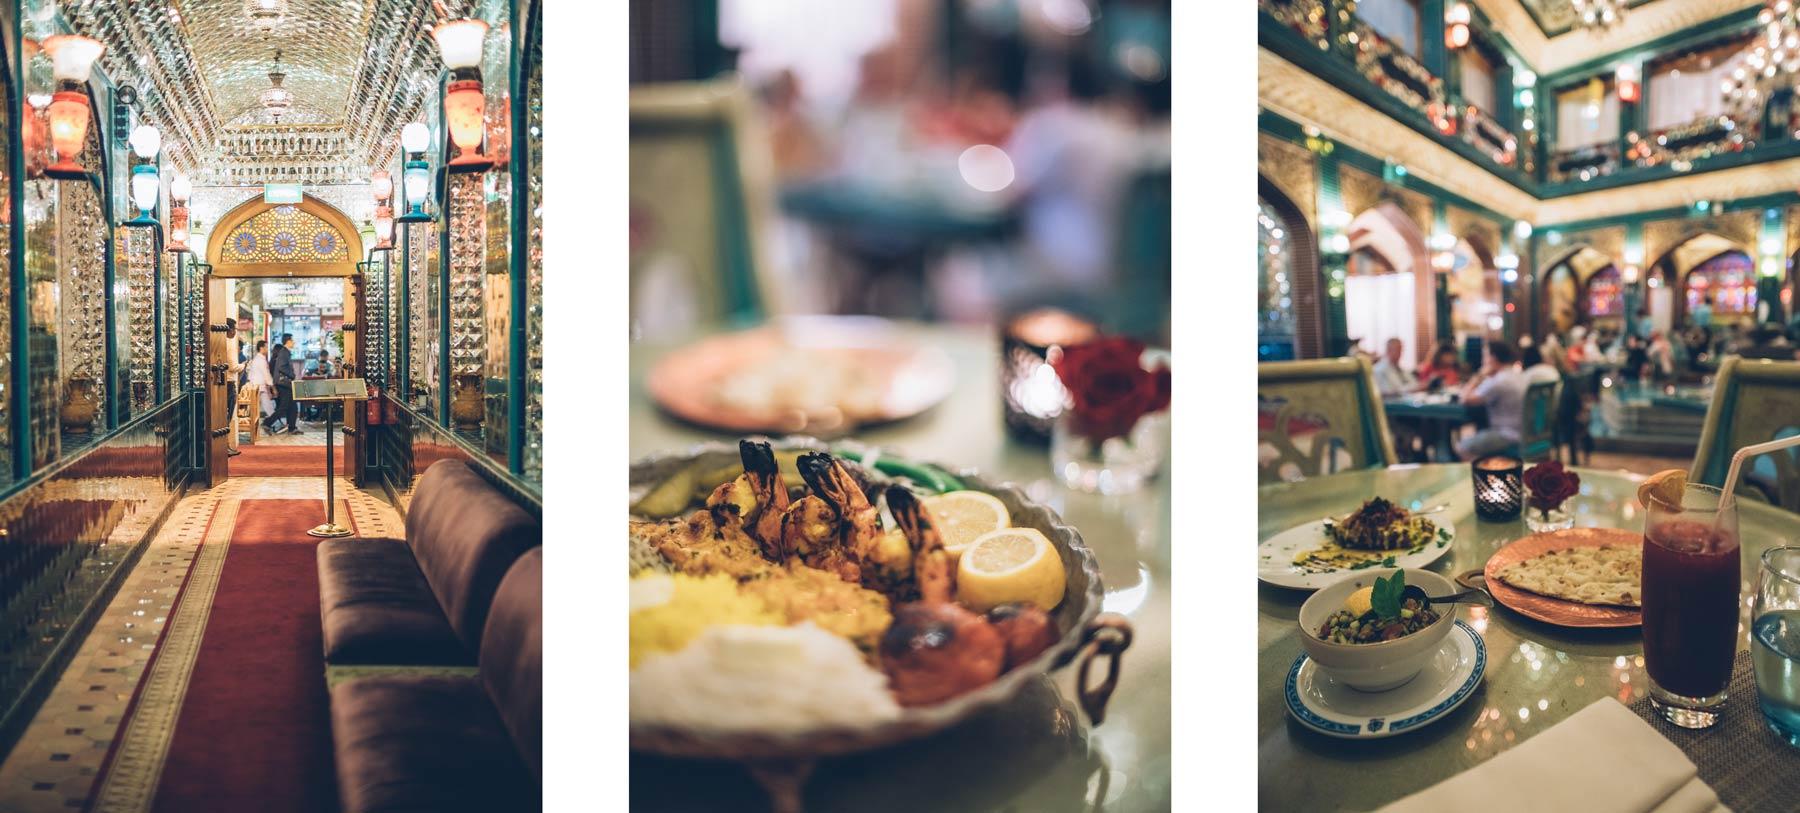 Restaurant perse Al Parisa, Doha, Qatar